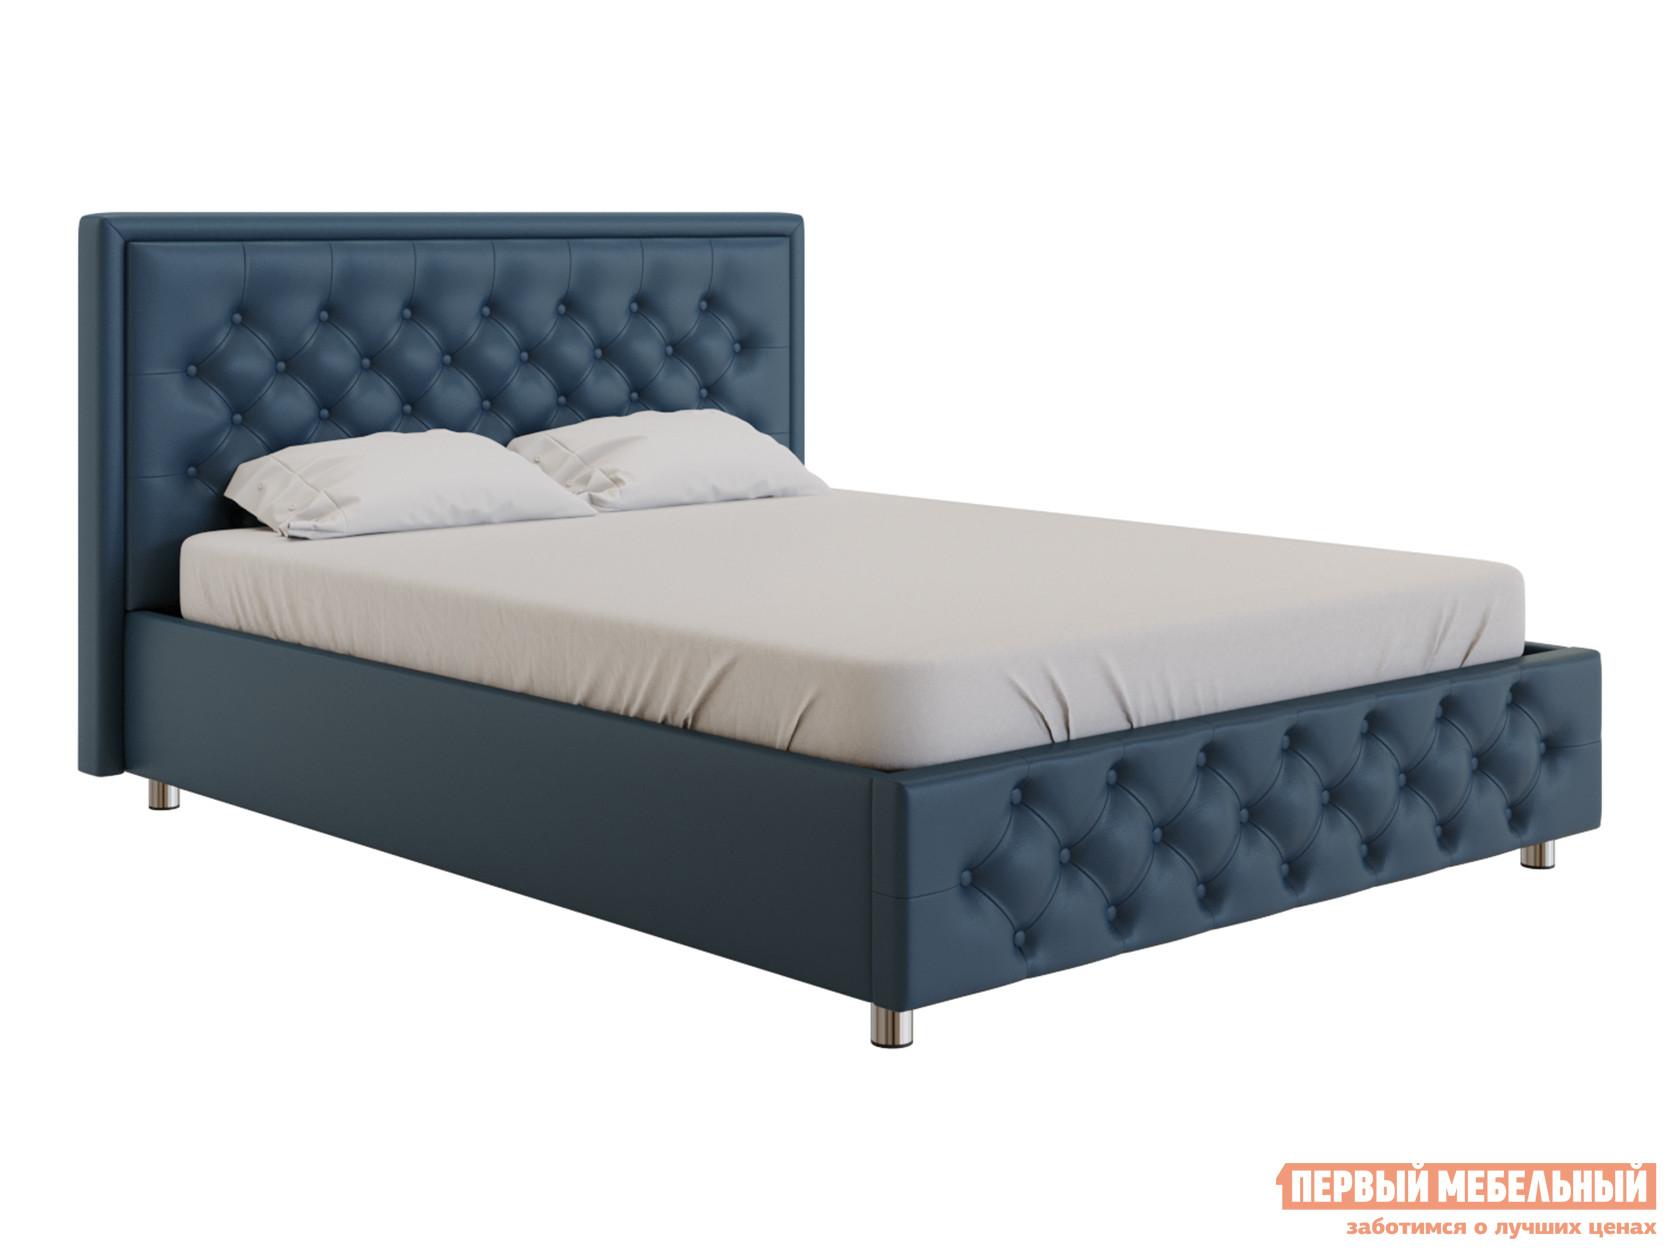 Кровать с подъемным механизмом Первый Мебельный Кровать с подъемным механизмом Флоренция